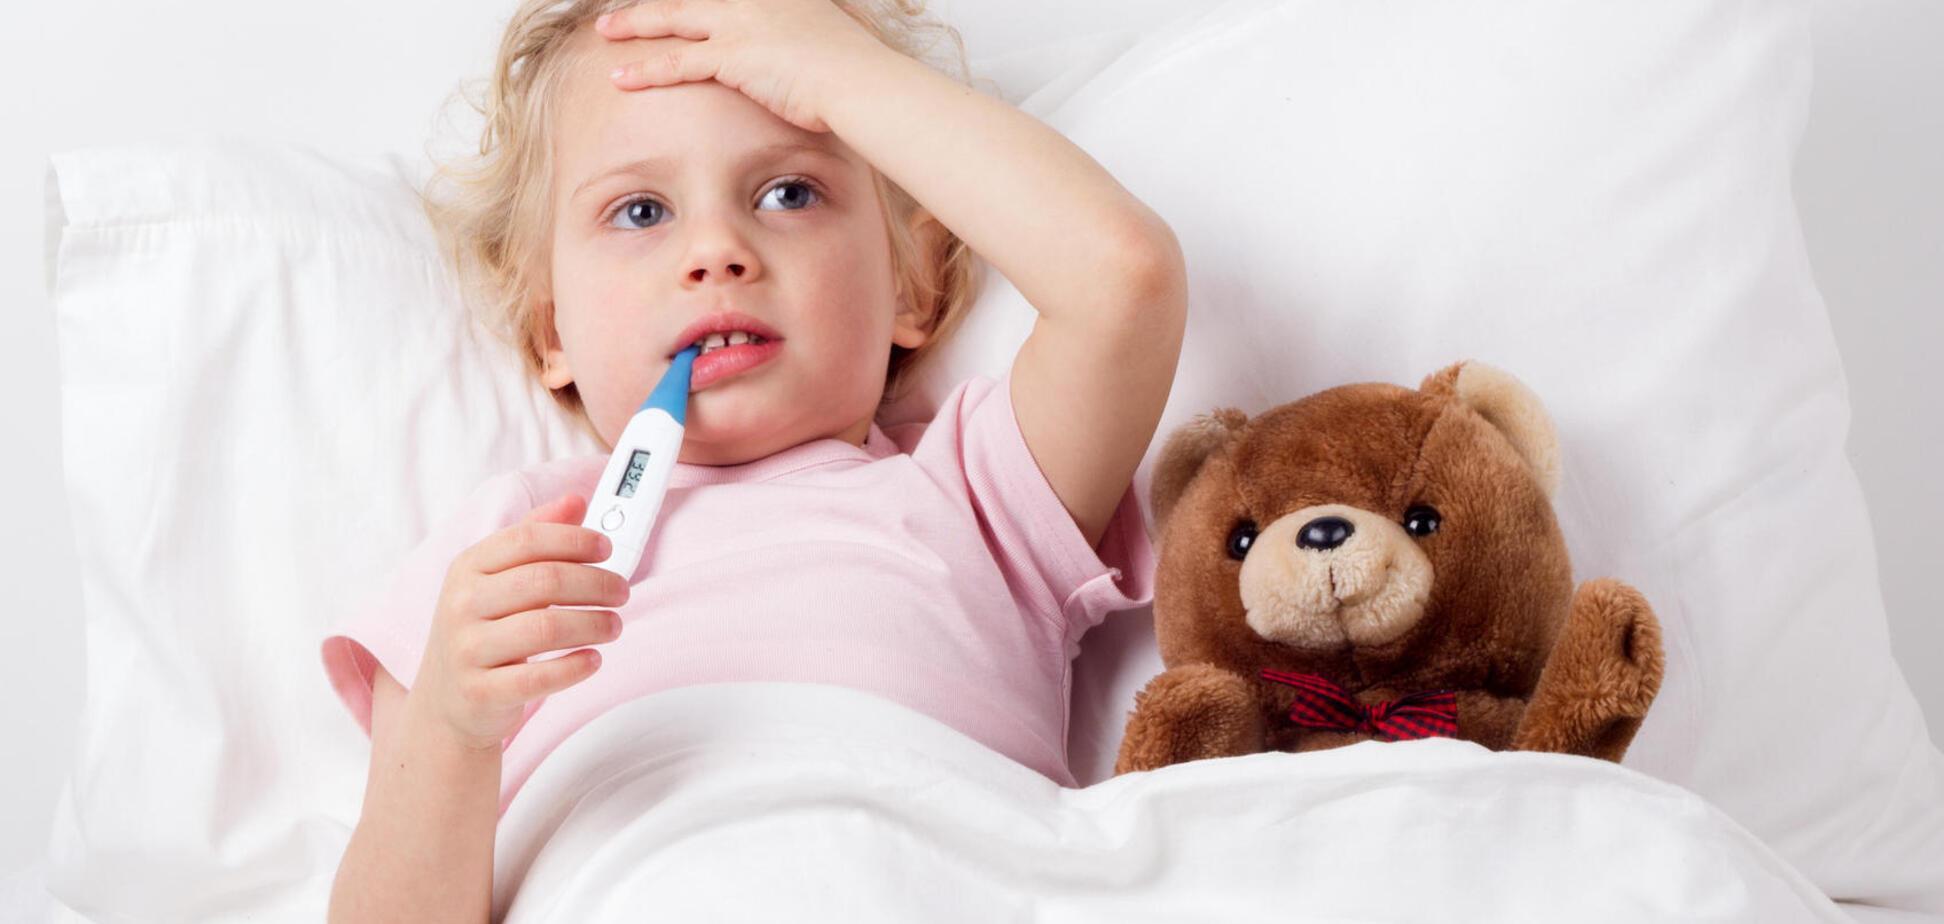 Гіпертермія у дитини – перша допомога